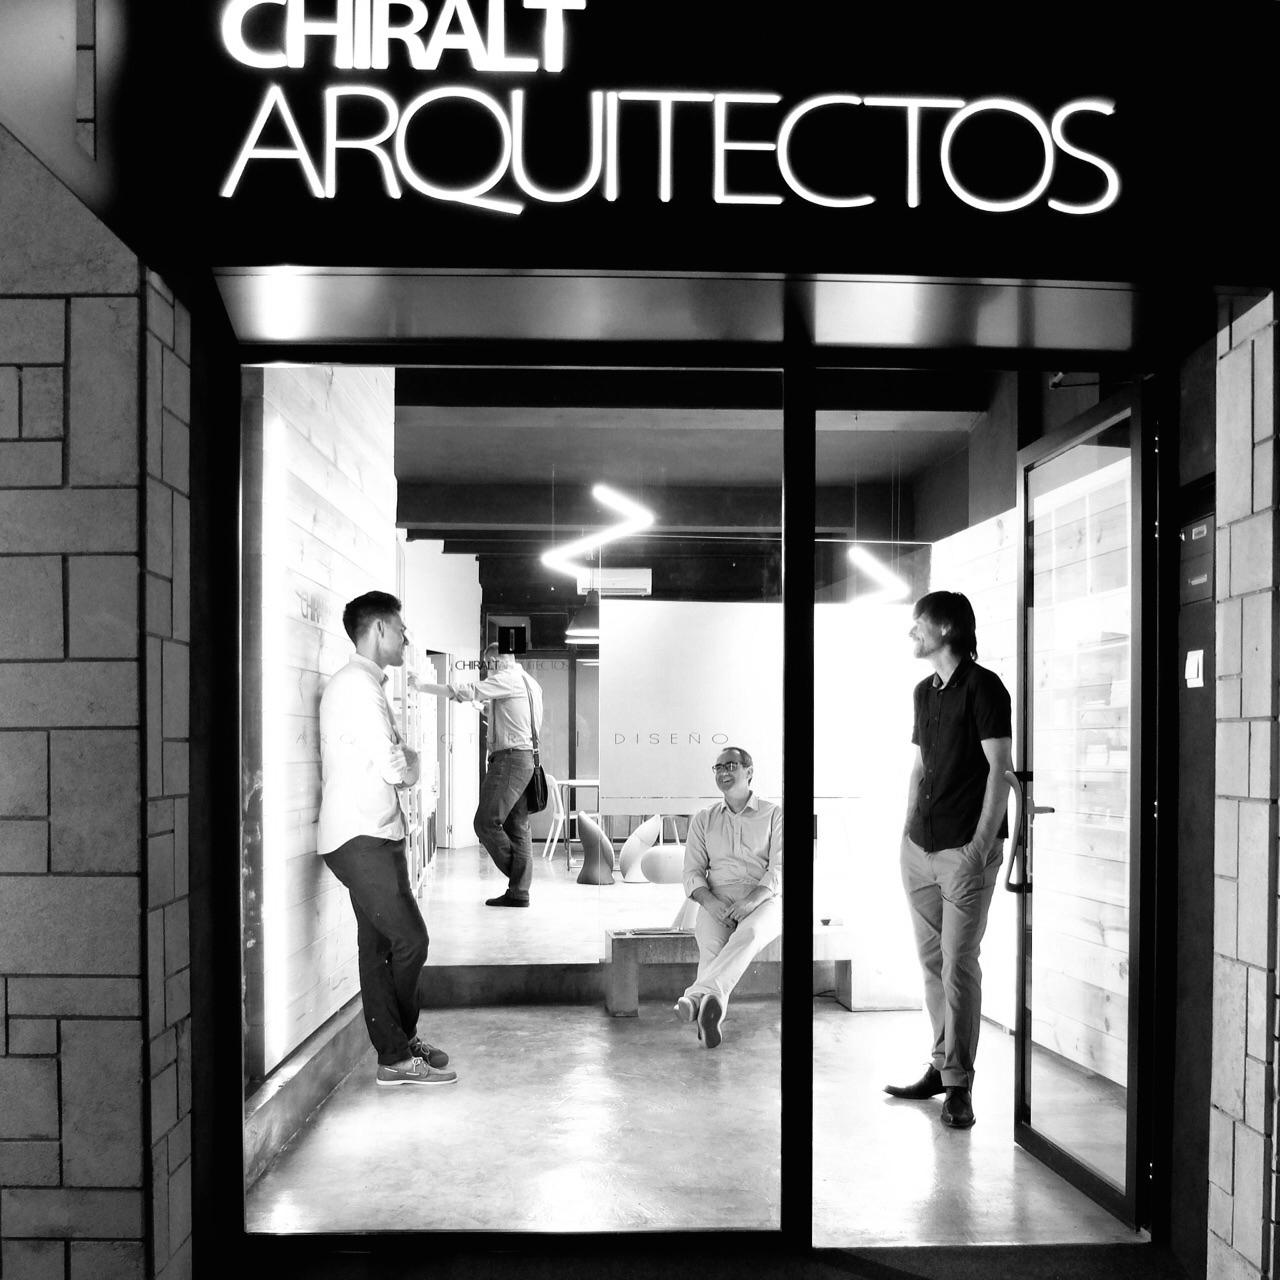 Fachada del estudio Chiralt Arquitectos con parte del equipo